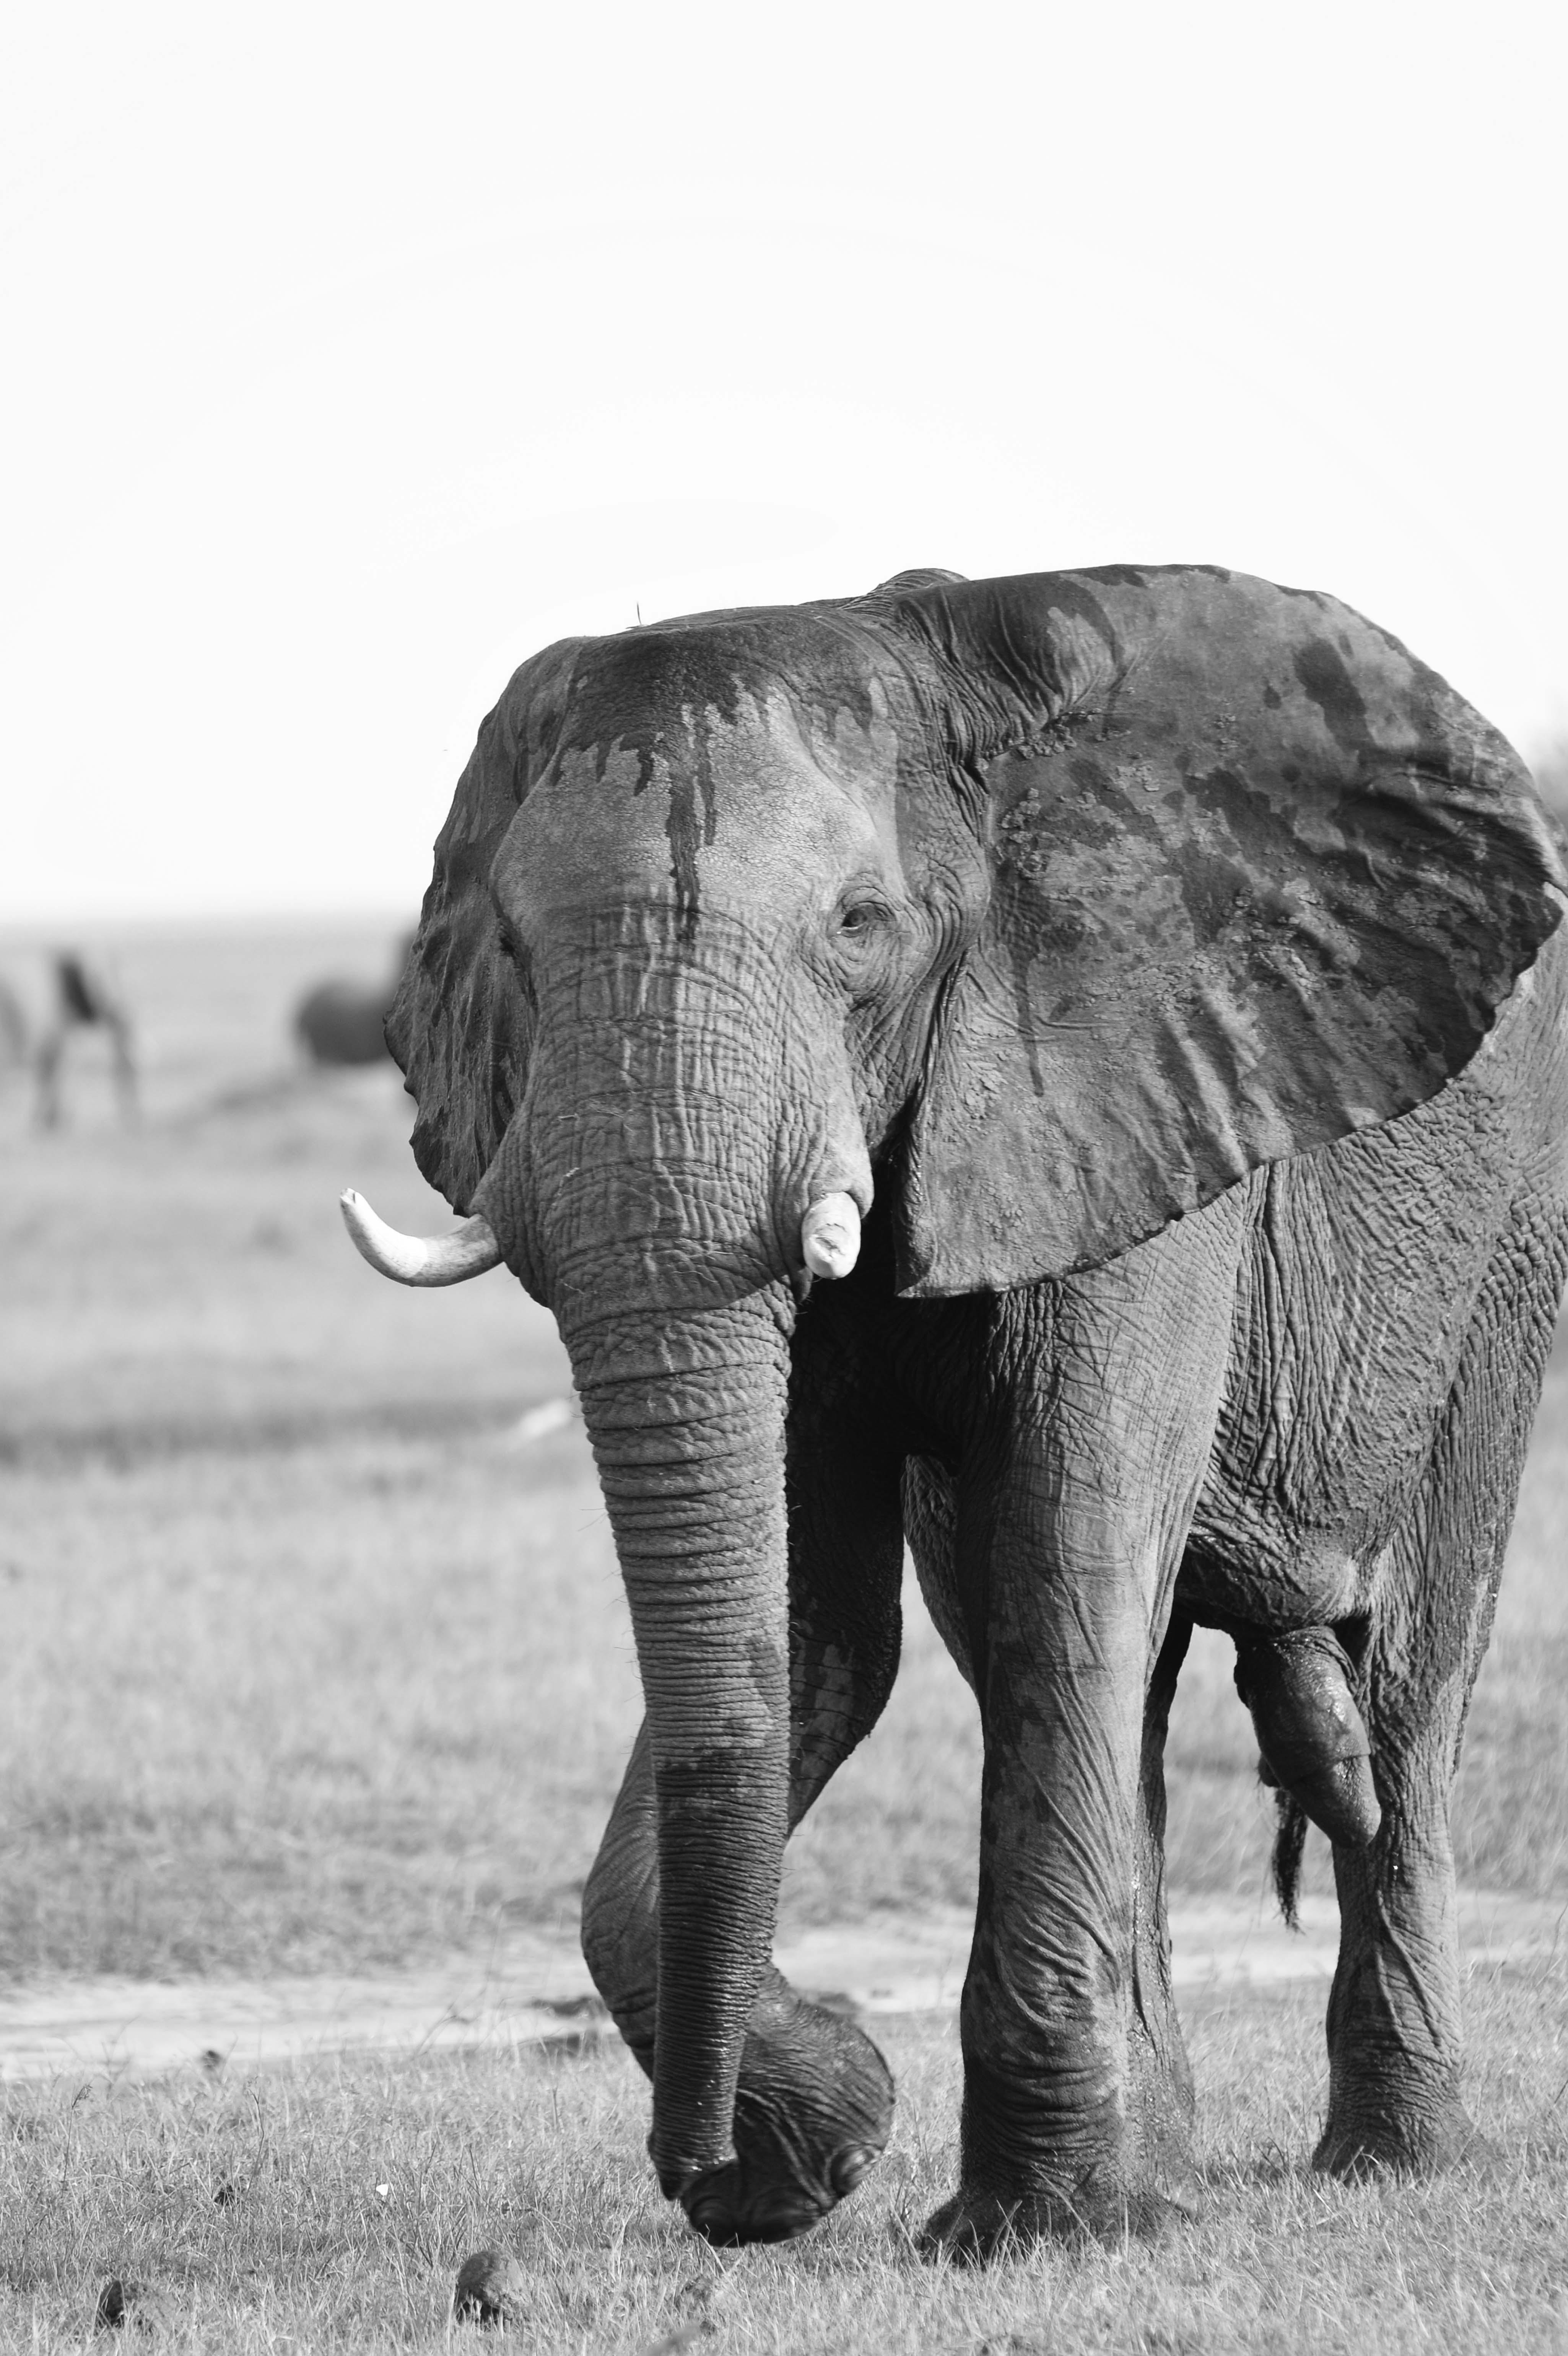 Elephantbull, BW ©Johannes Ratermann